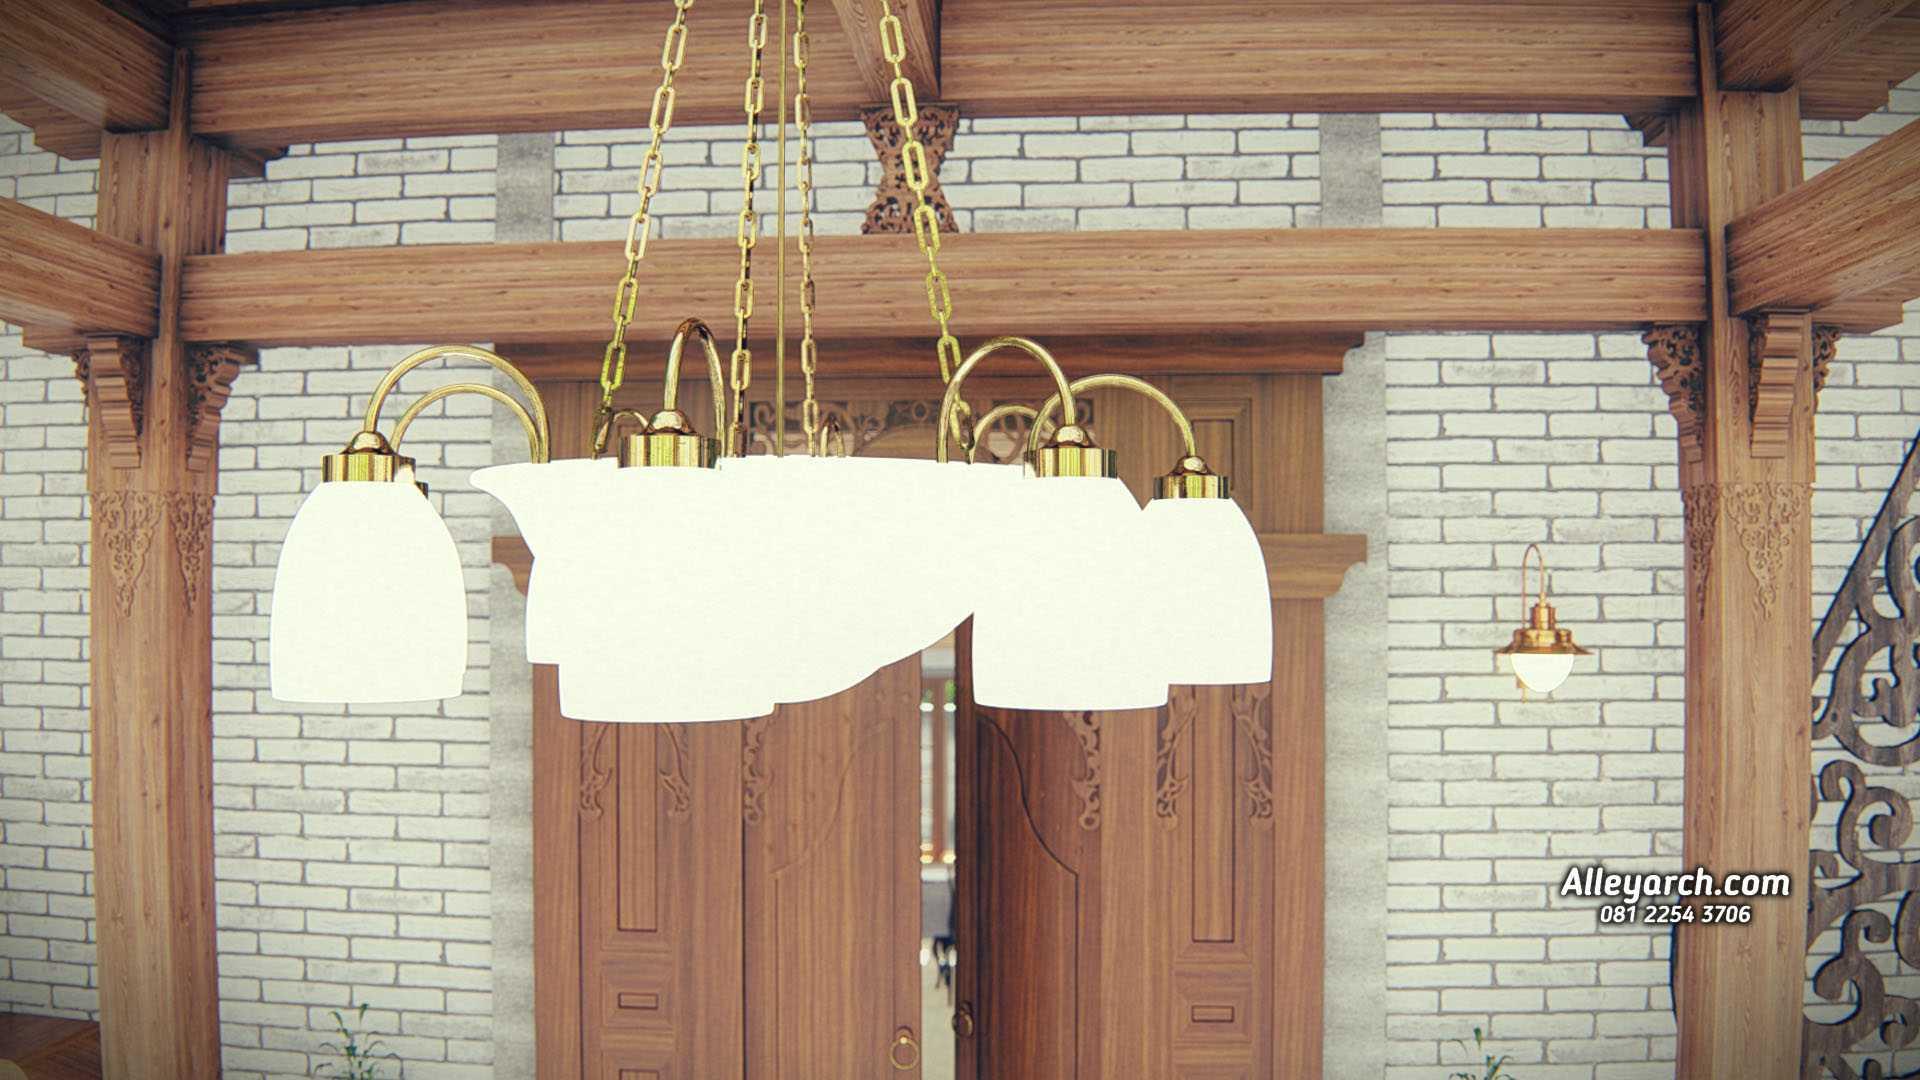 Alleyarch Jasa Arsitek Semarang Desain Rumah Joglo Di Semarang Semarang, Kota Semarang, Jawa Tengah, Indonesia Semarang, Kota Semarang, Jawa Tengah, Indonesia Alleyarchcom-Desain-Rumah-Joglo-Di-Semarang   88980